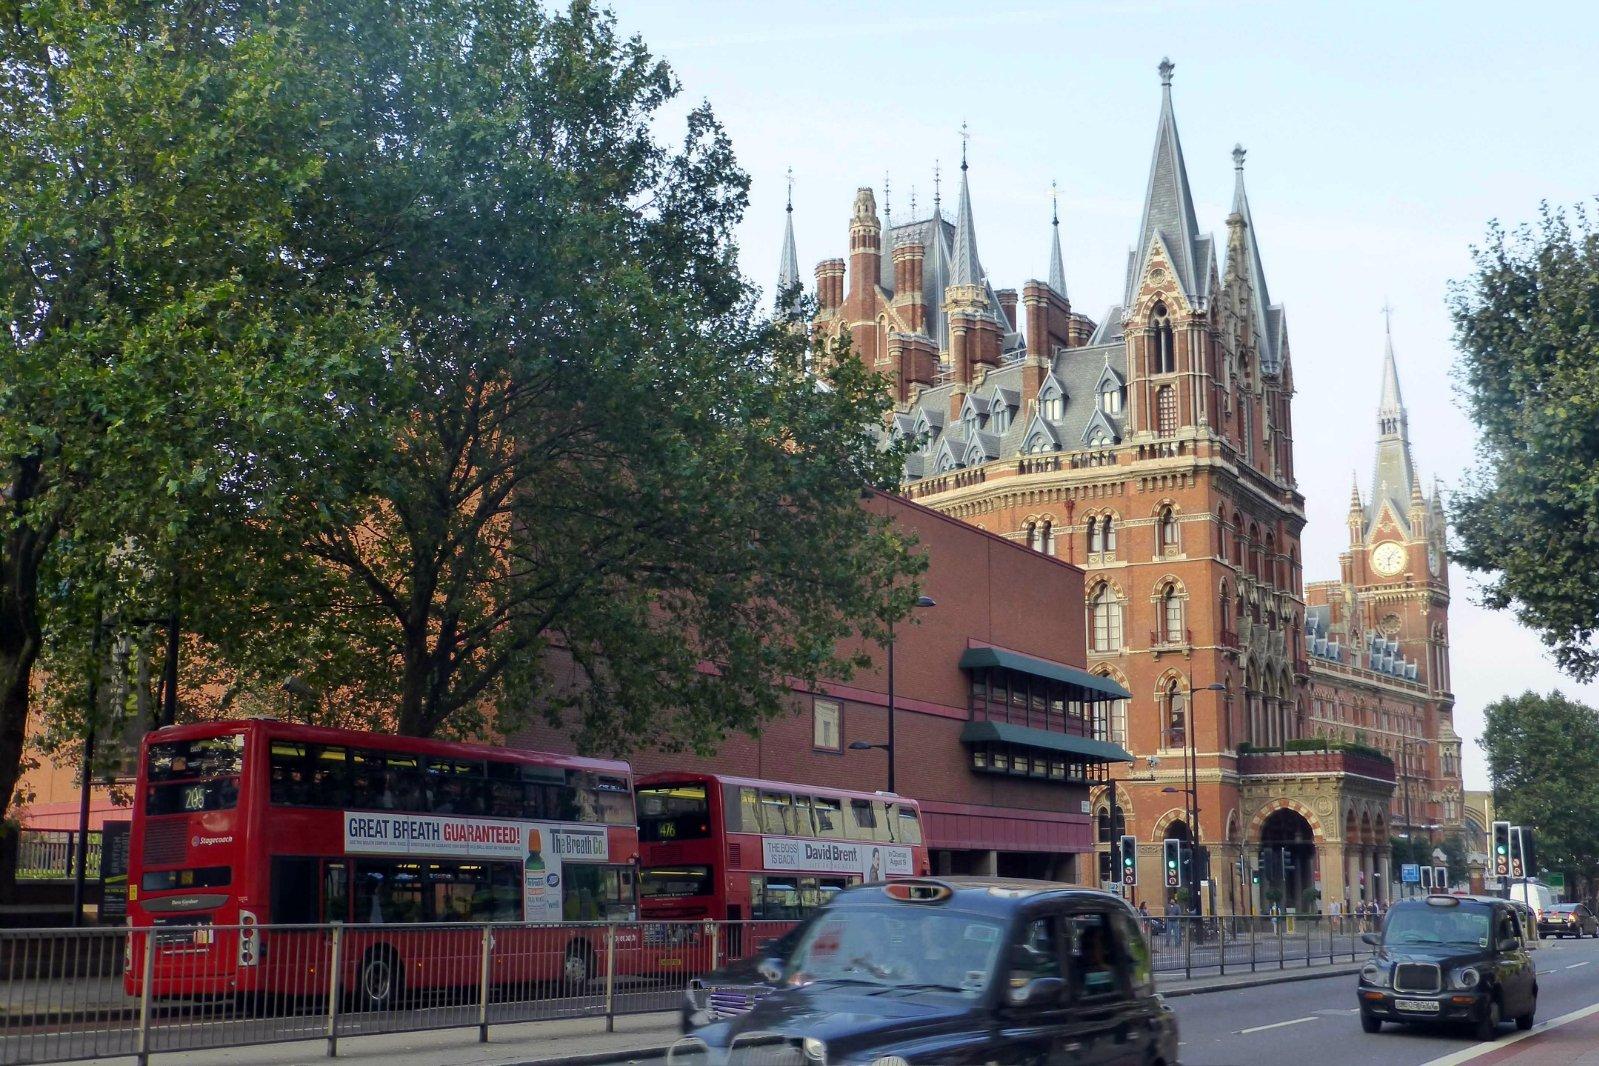 2019大英图书馆住宿攻略,重游伦敦,大英图书馆景泰县游玩攻略图片